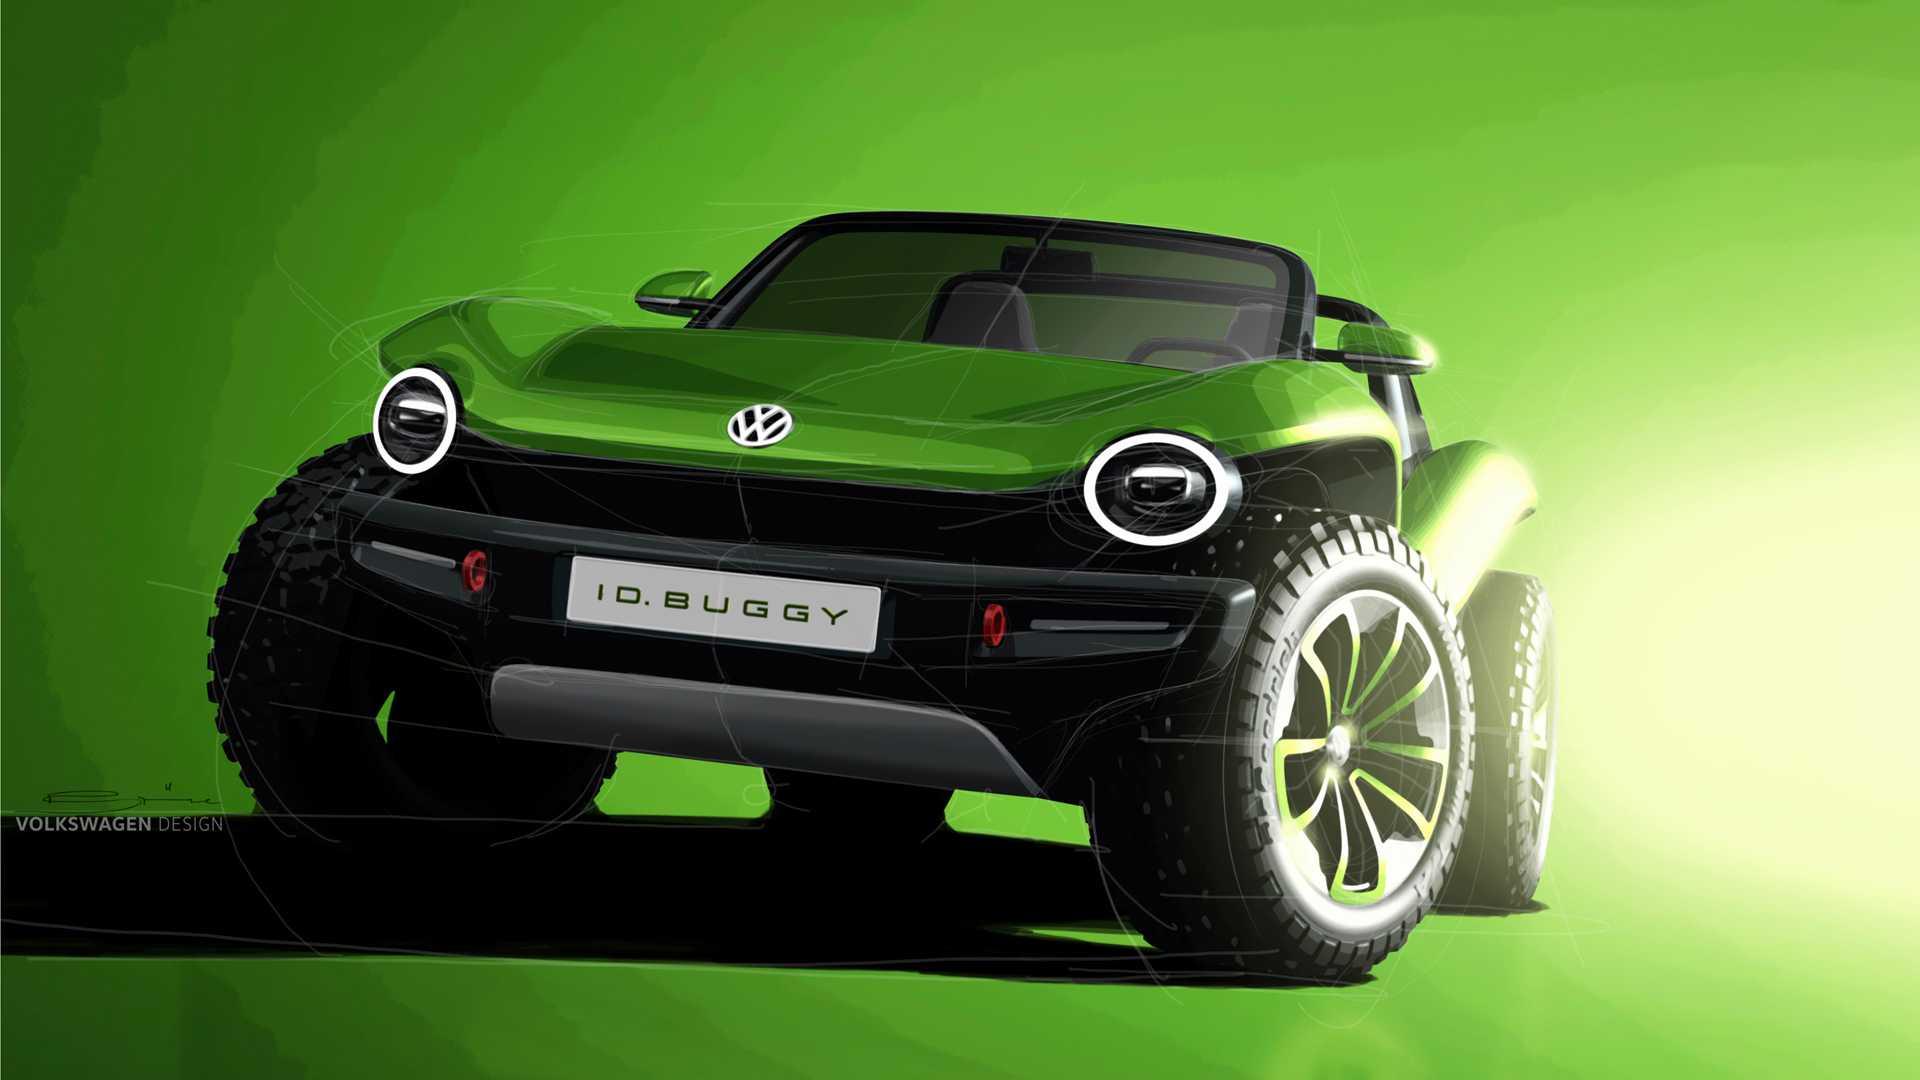 volkswagen-i-d-buggy (4)